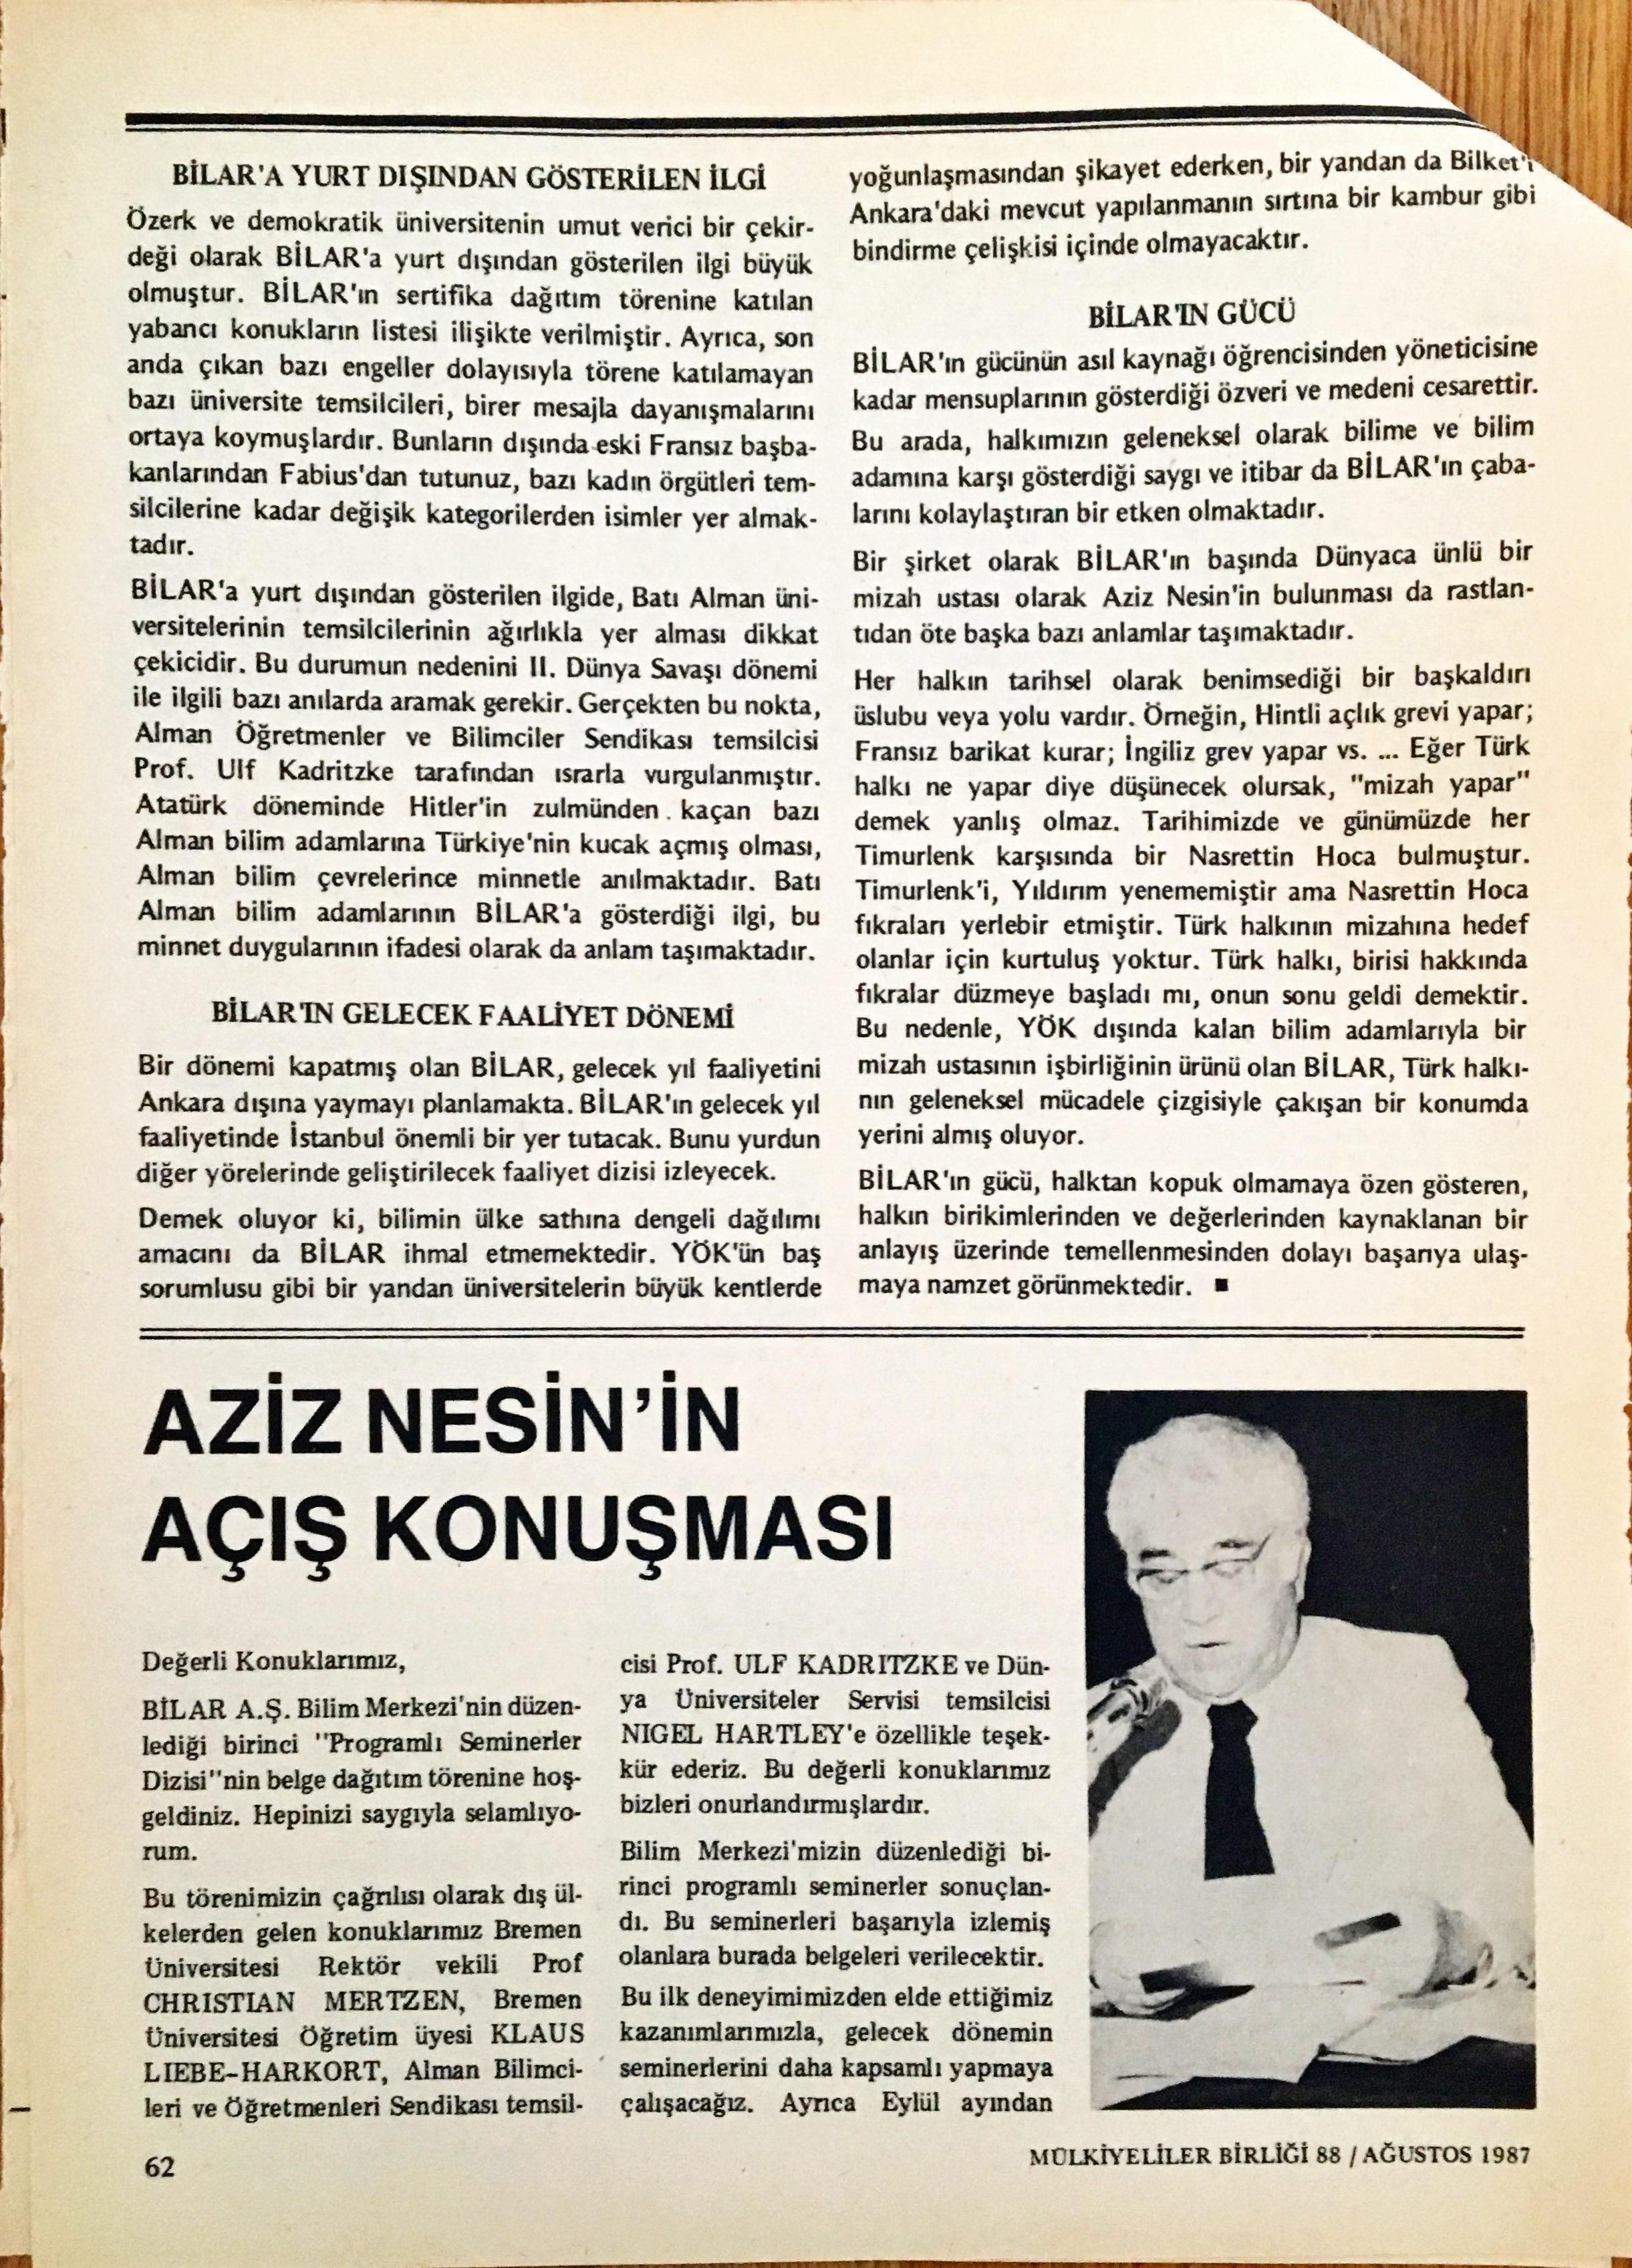 1987_mulkiyeliler-birligi-dergisi_bilar-alpaslan-isikli-3.JPG